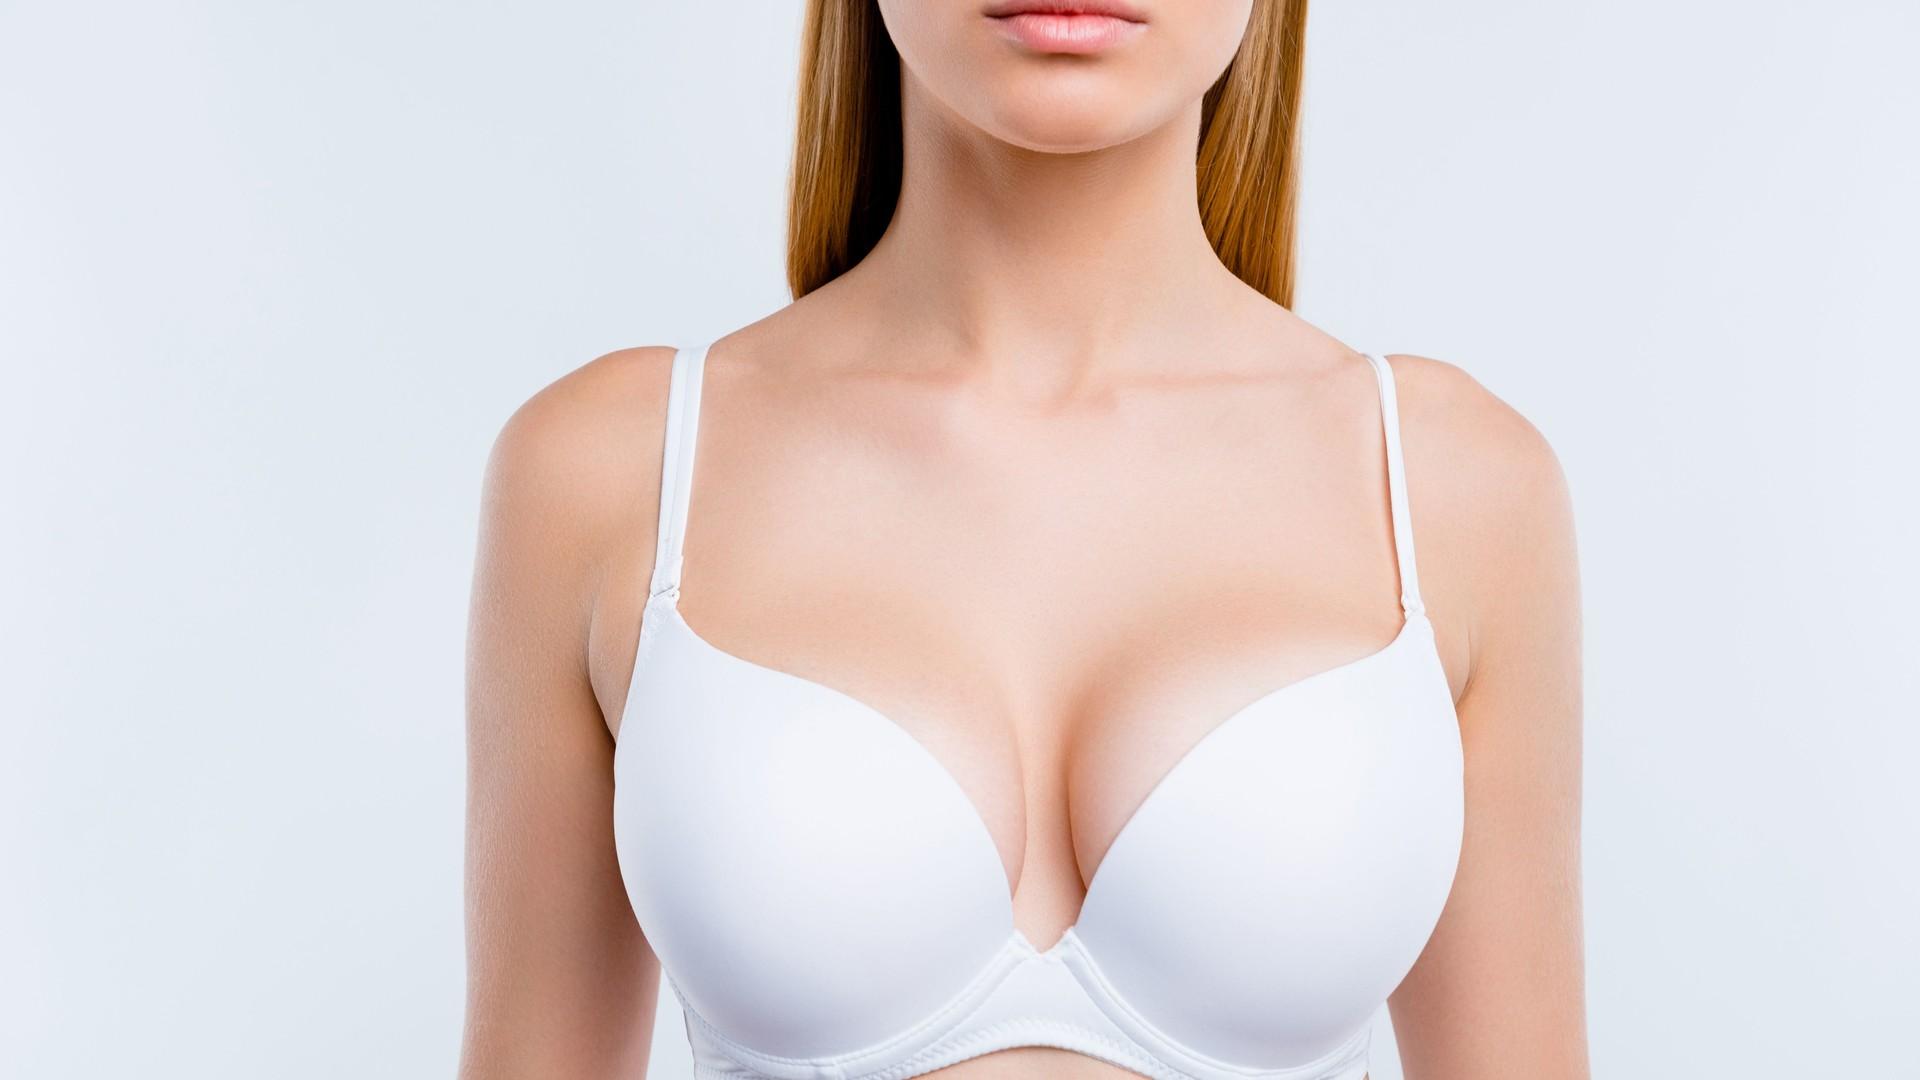 Brustvergrößerung mit Eigenfett: Alternative zu Brustimplantaten